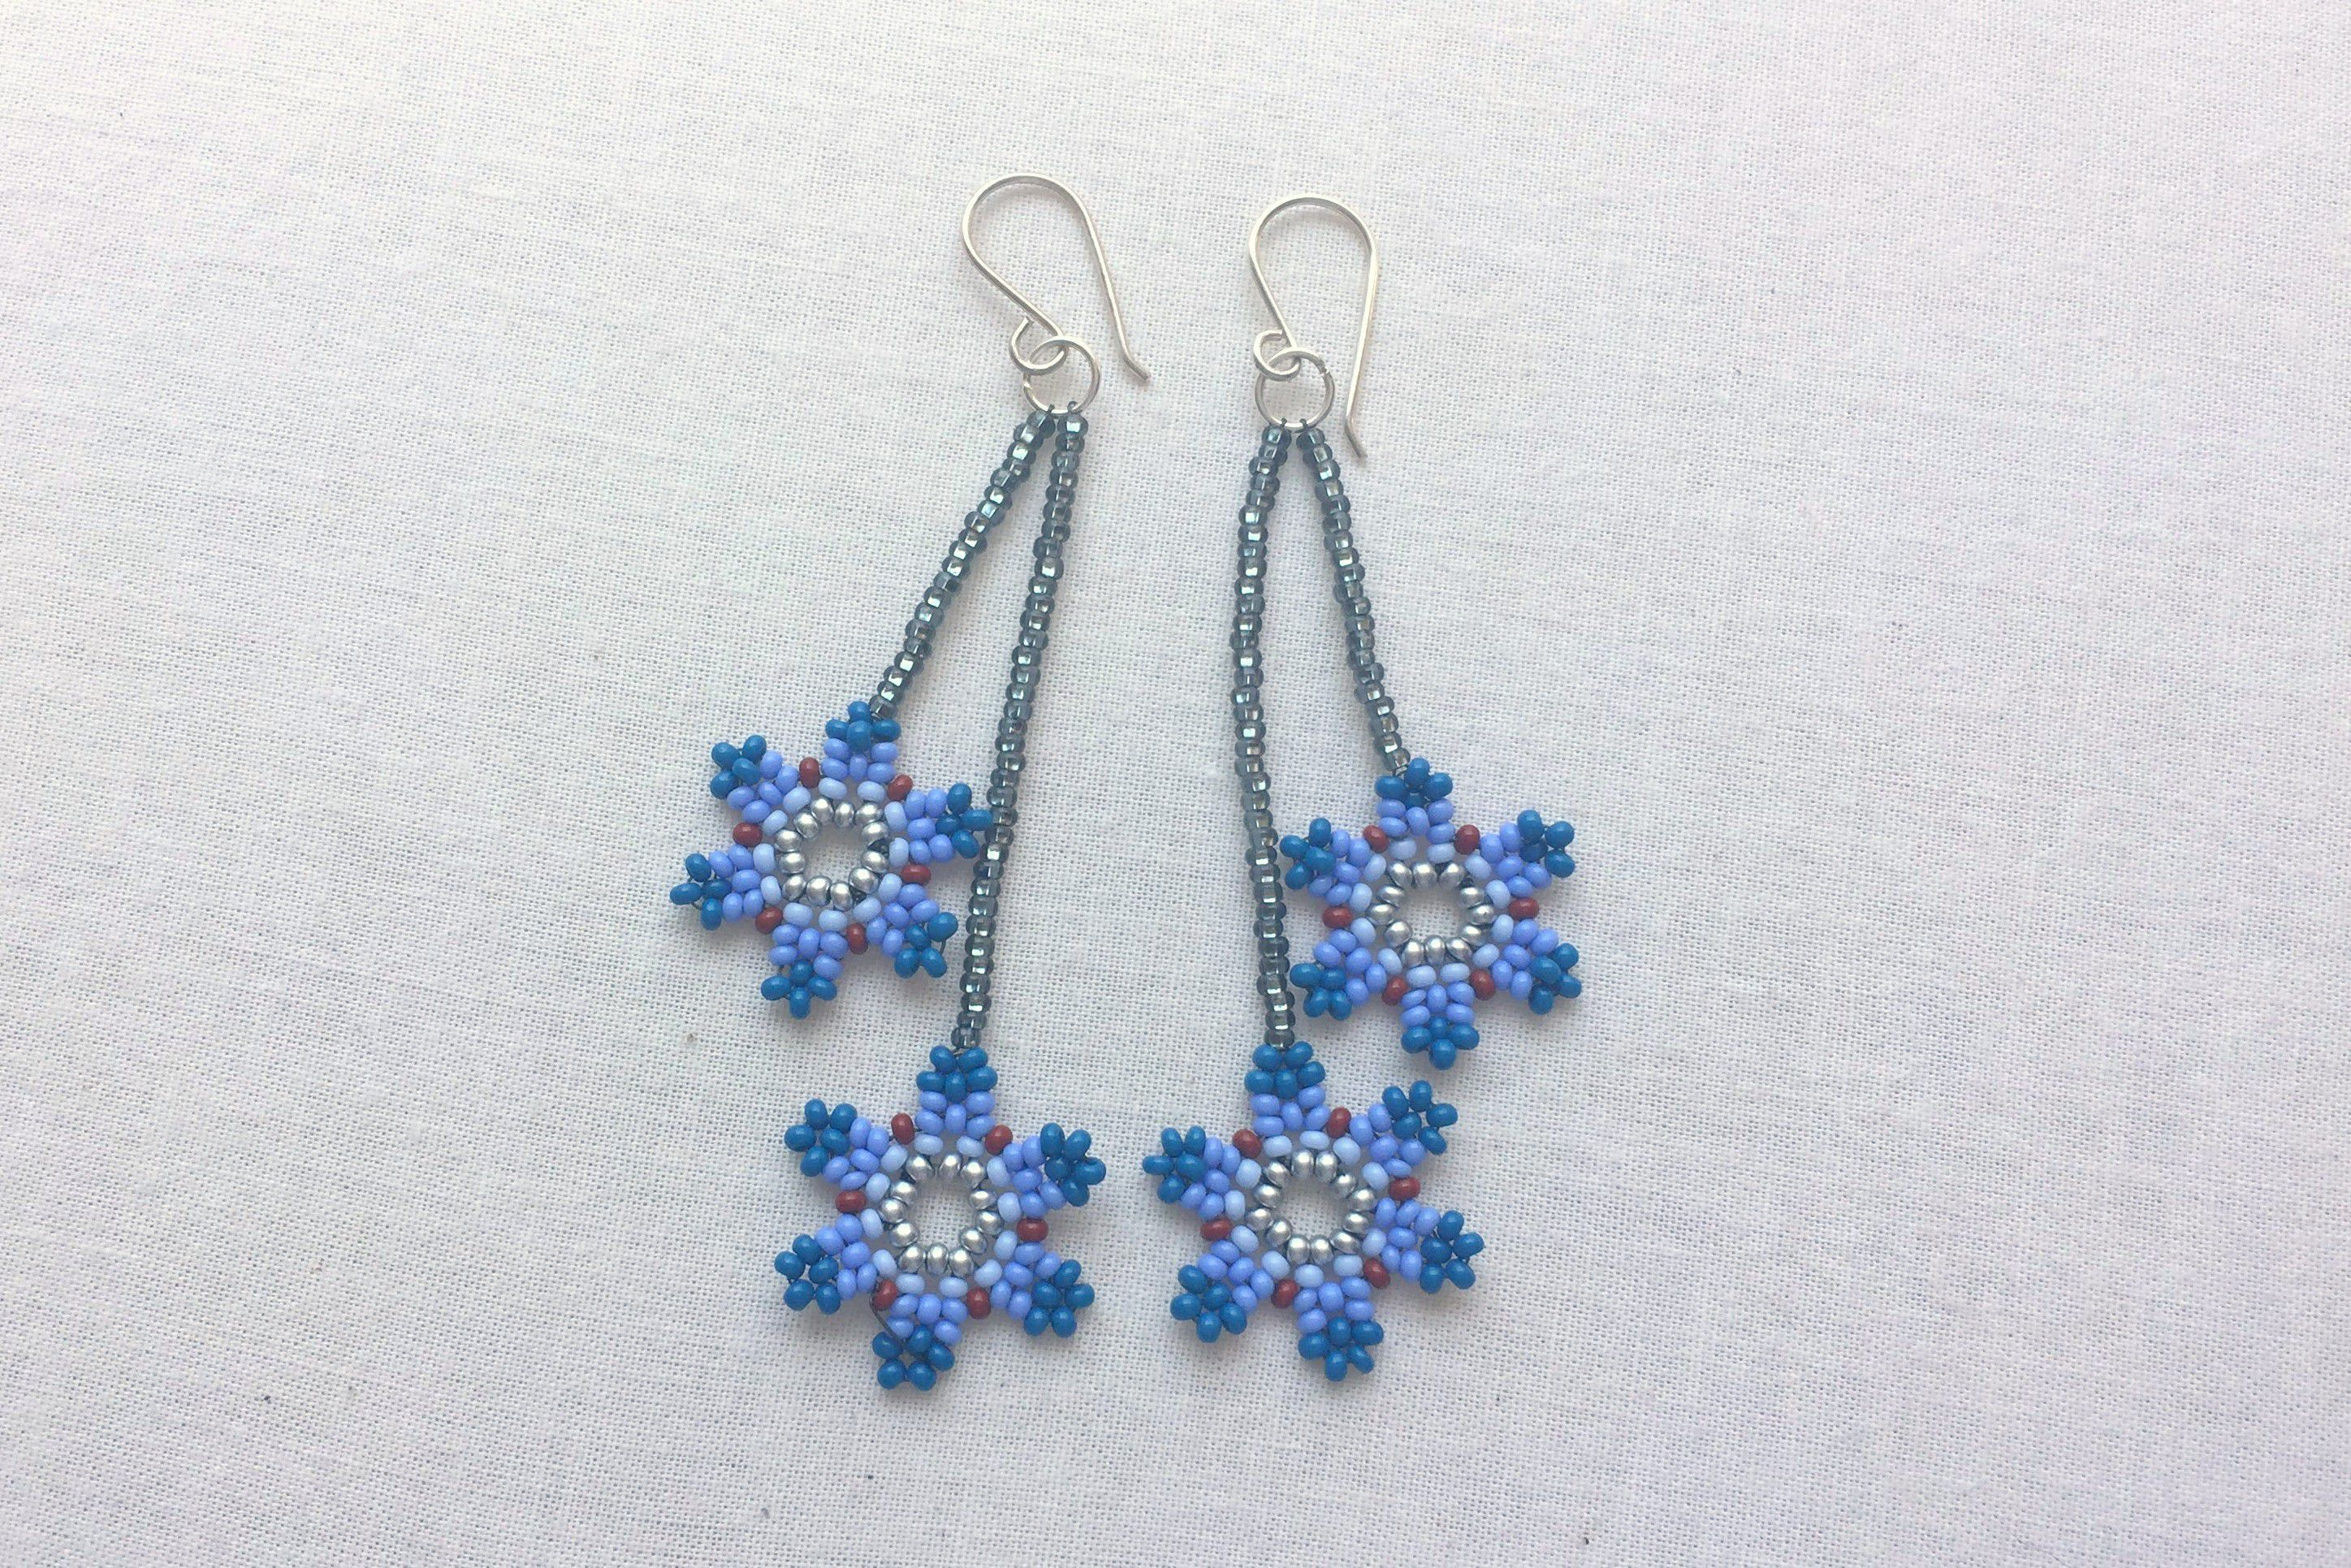 We Love These Diy Seed Bead Flower Earrings Beaded Earrings Tutorials Beaded Jewelry Beaded Hoop Earrings